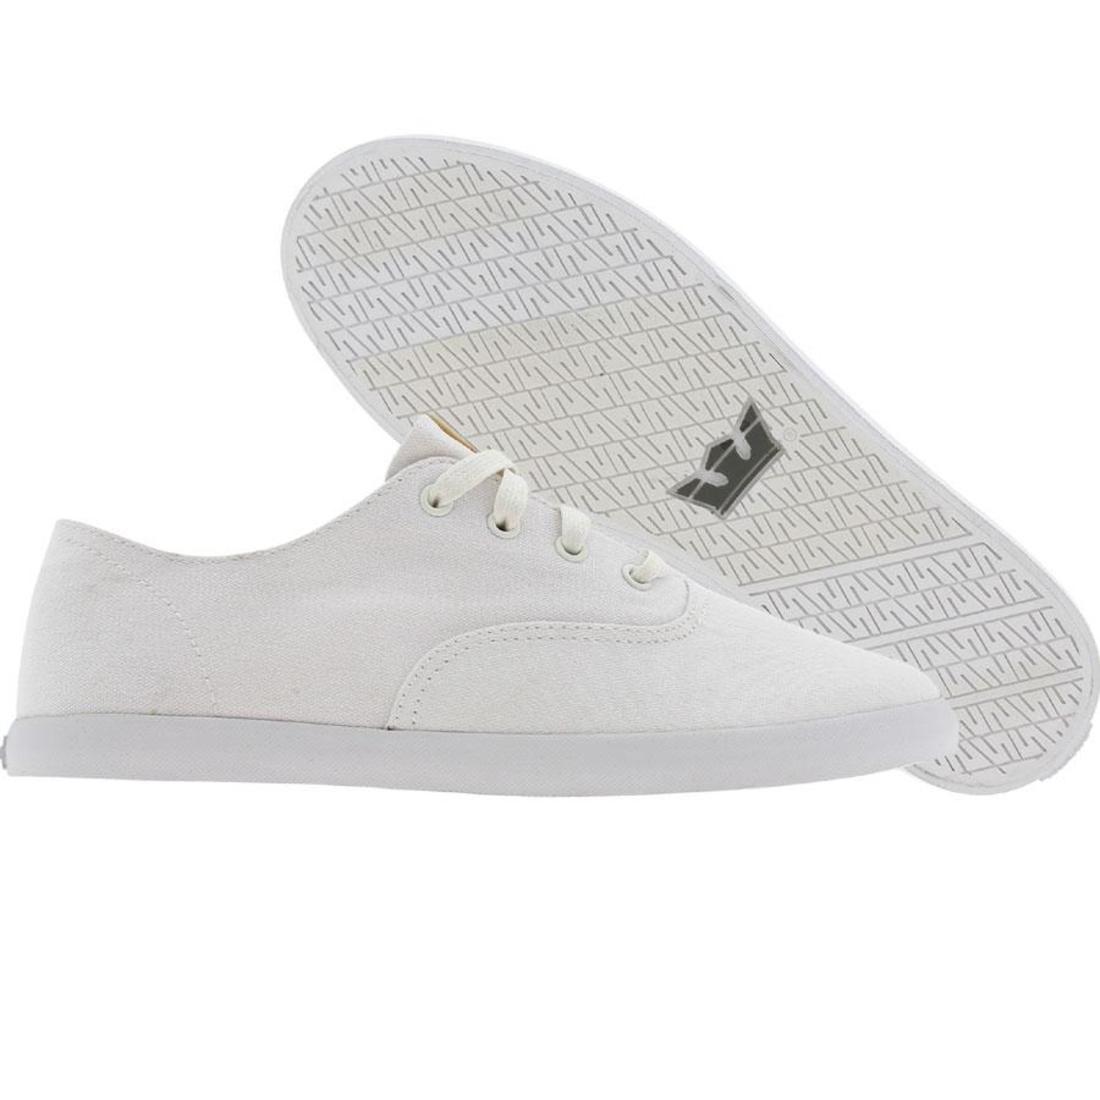 【海外限定】スープラ ラップ スニーカー メンズ靴 【 SUPRA WRAP WHITE 】